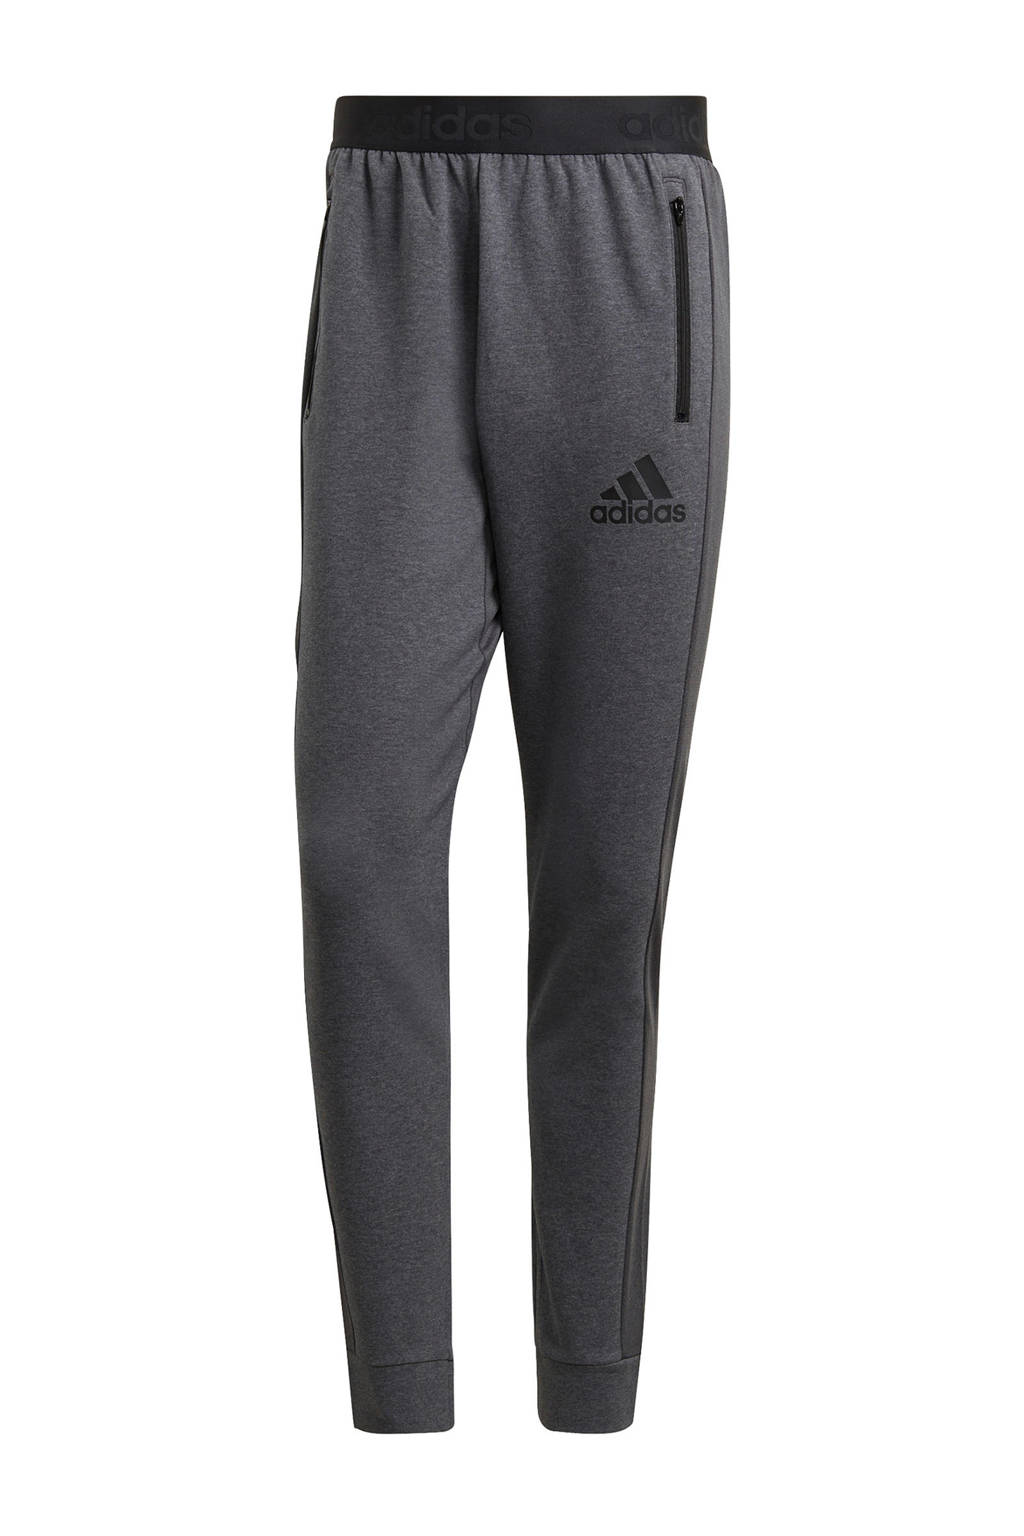 adidas Performance   Designed2Move sportbroek grijs melange/zwart, Grijs melange/zwart